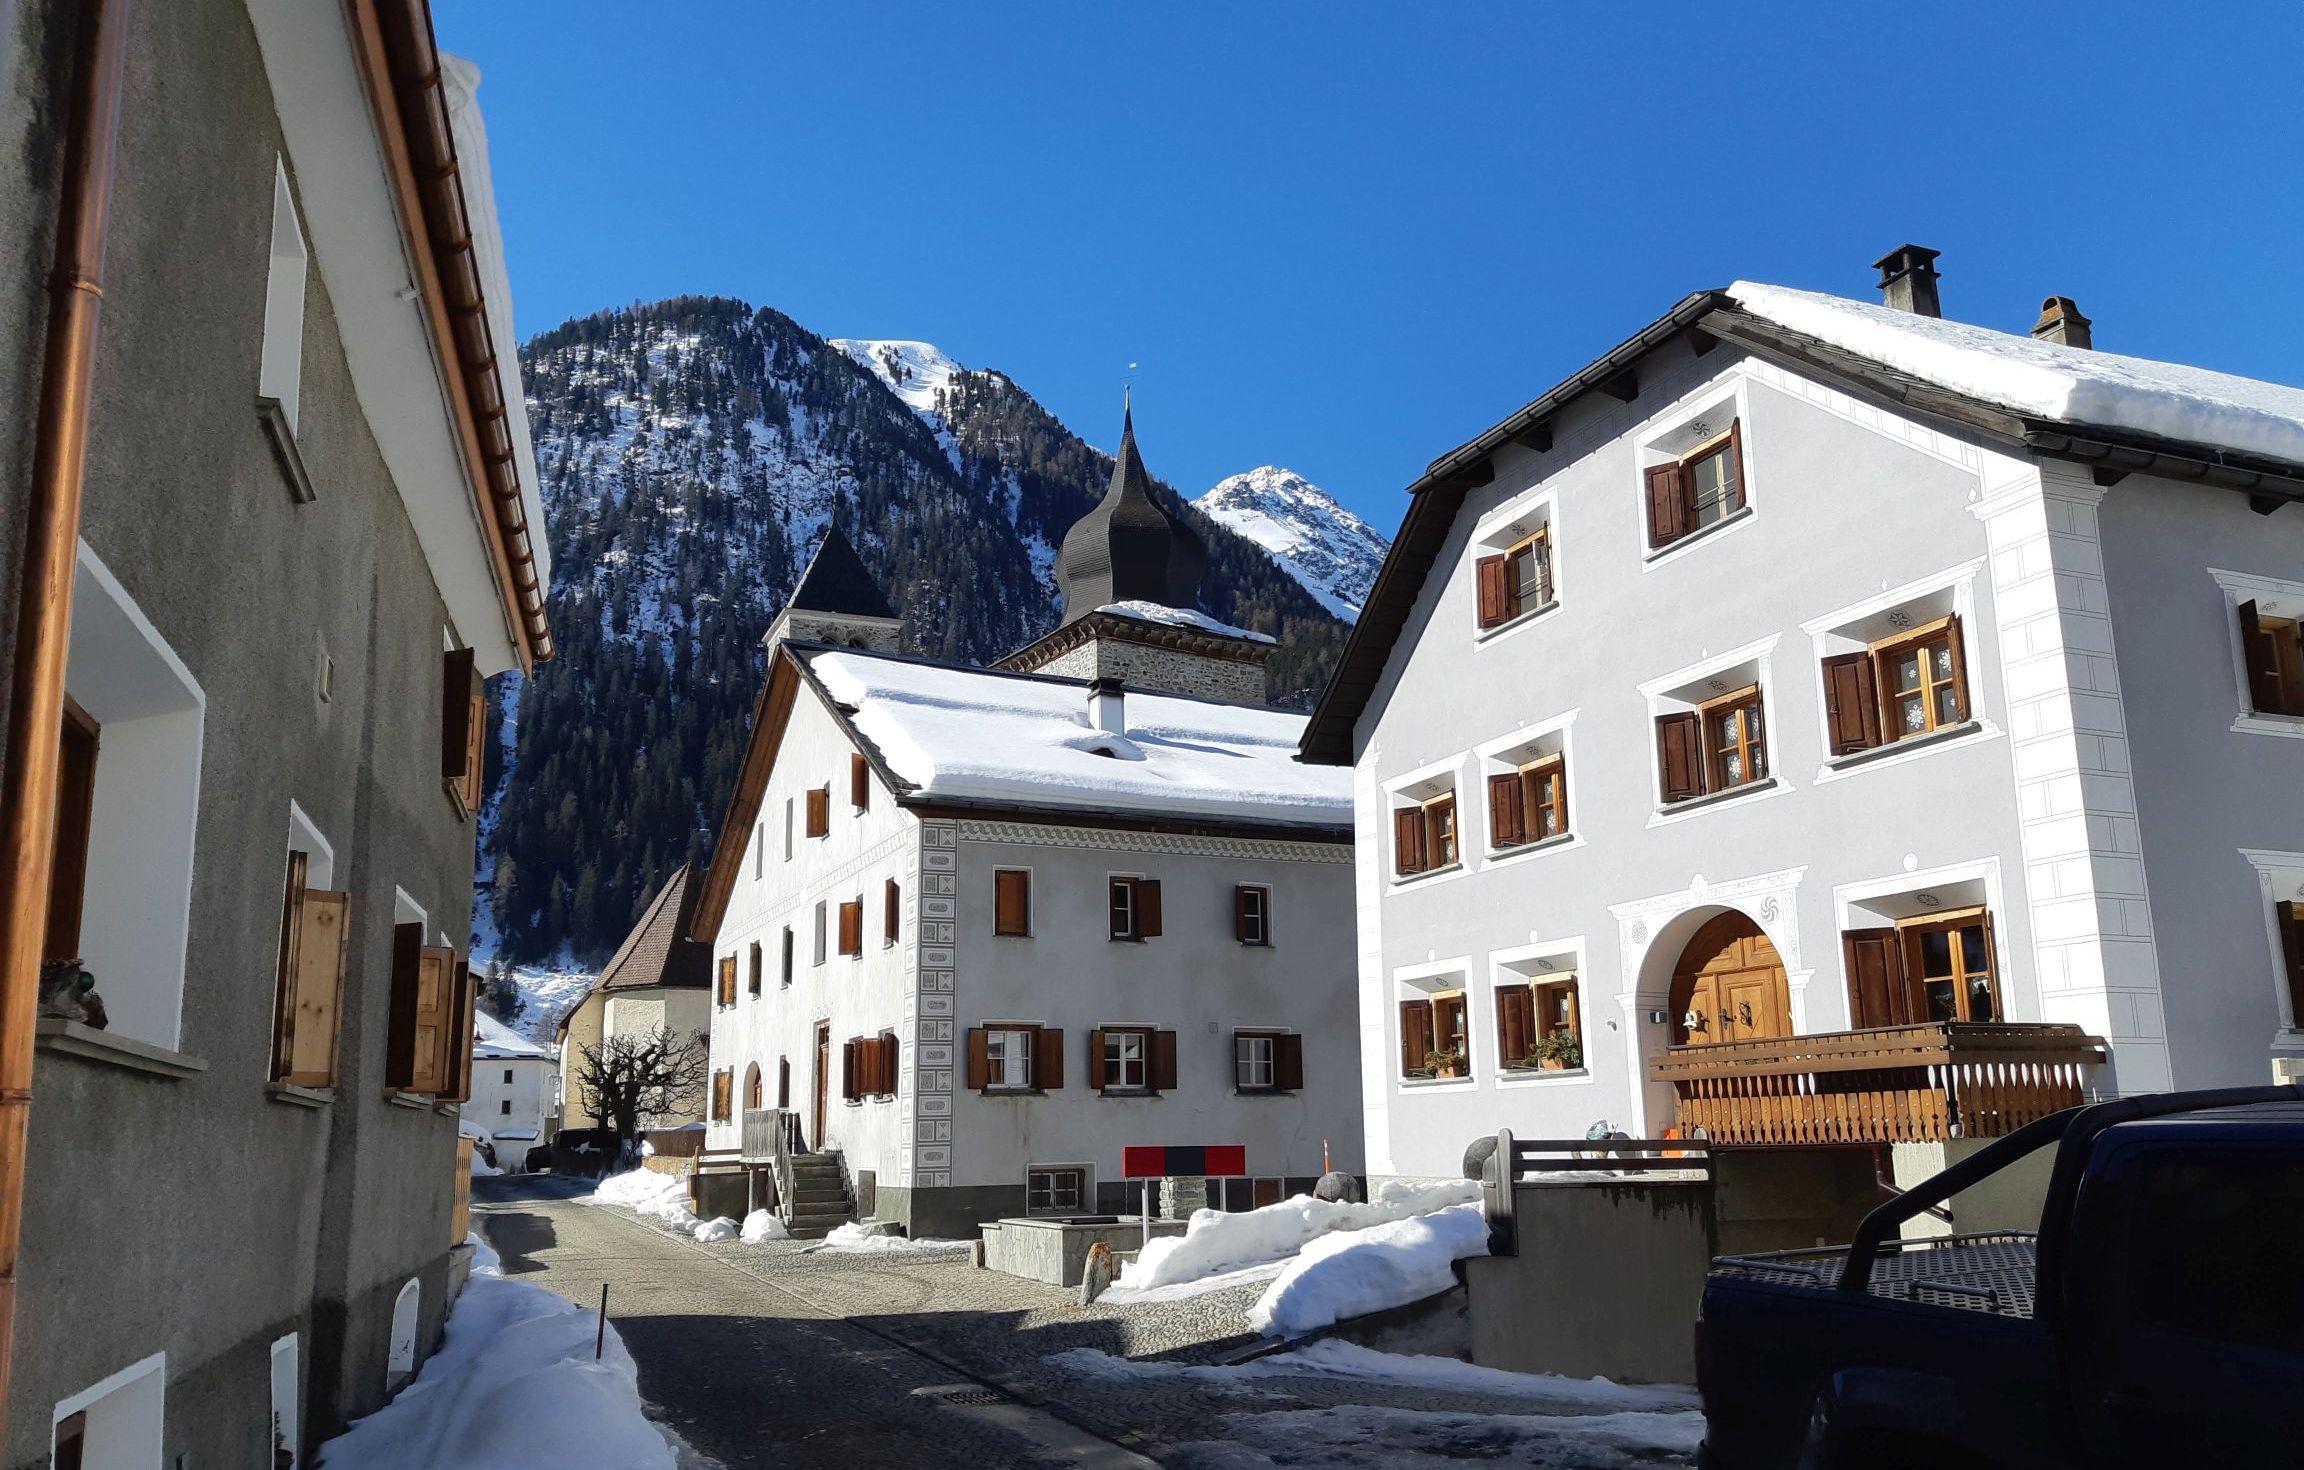 Domy w Susch pamiętają czasy średniowiecza. Ludzie mieszkają w nich do dzisiaj